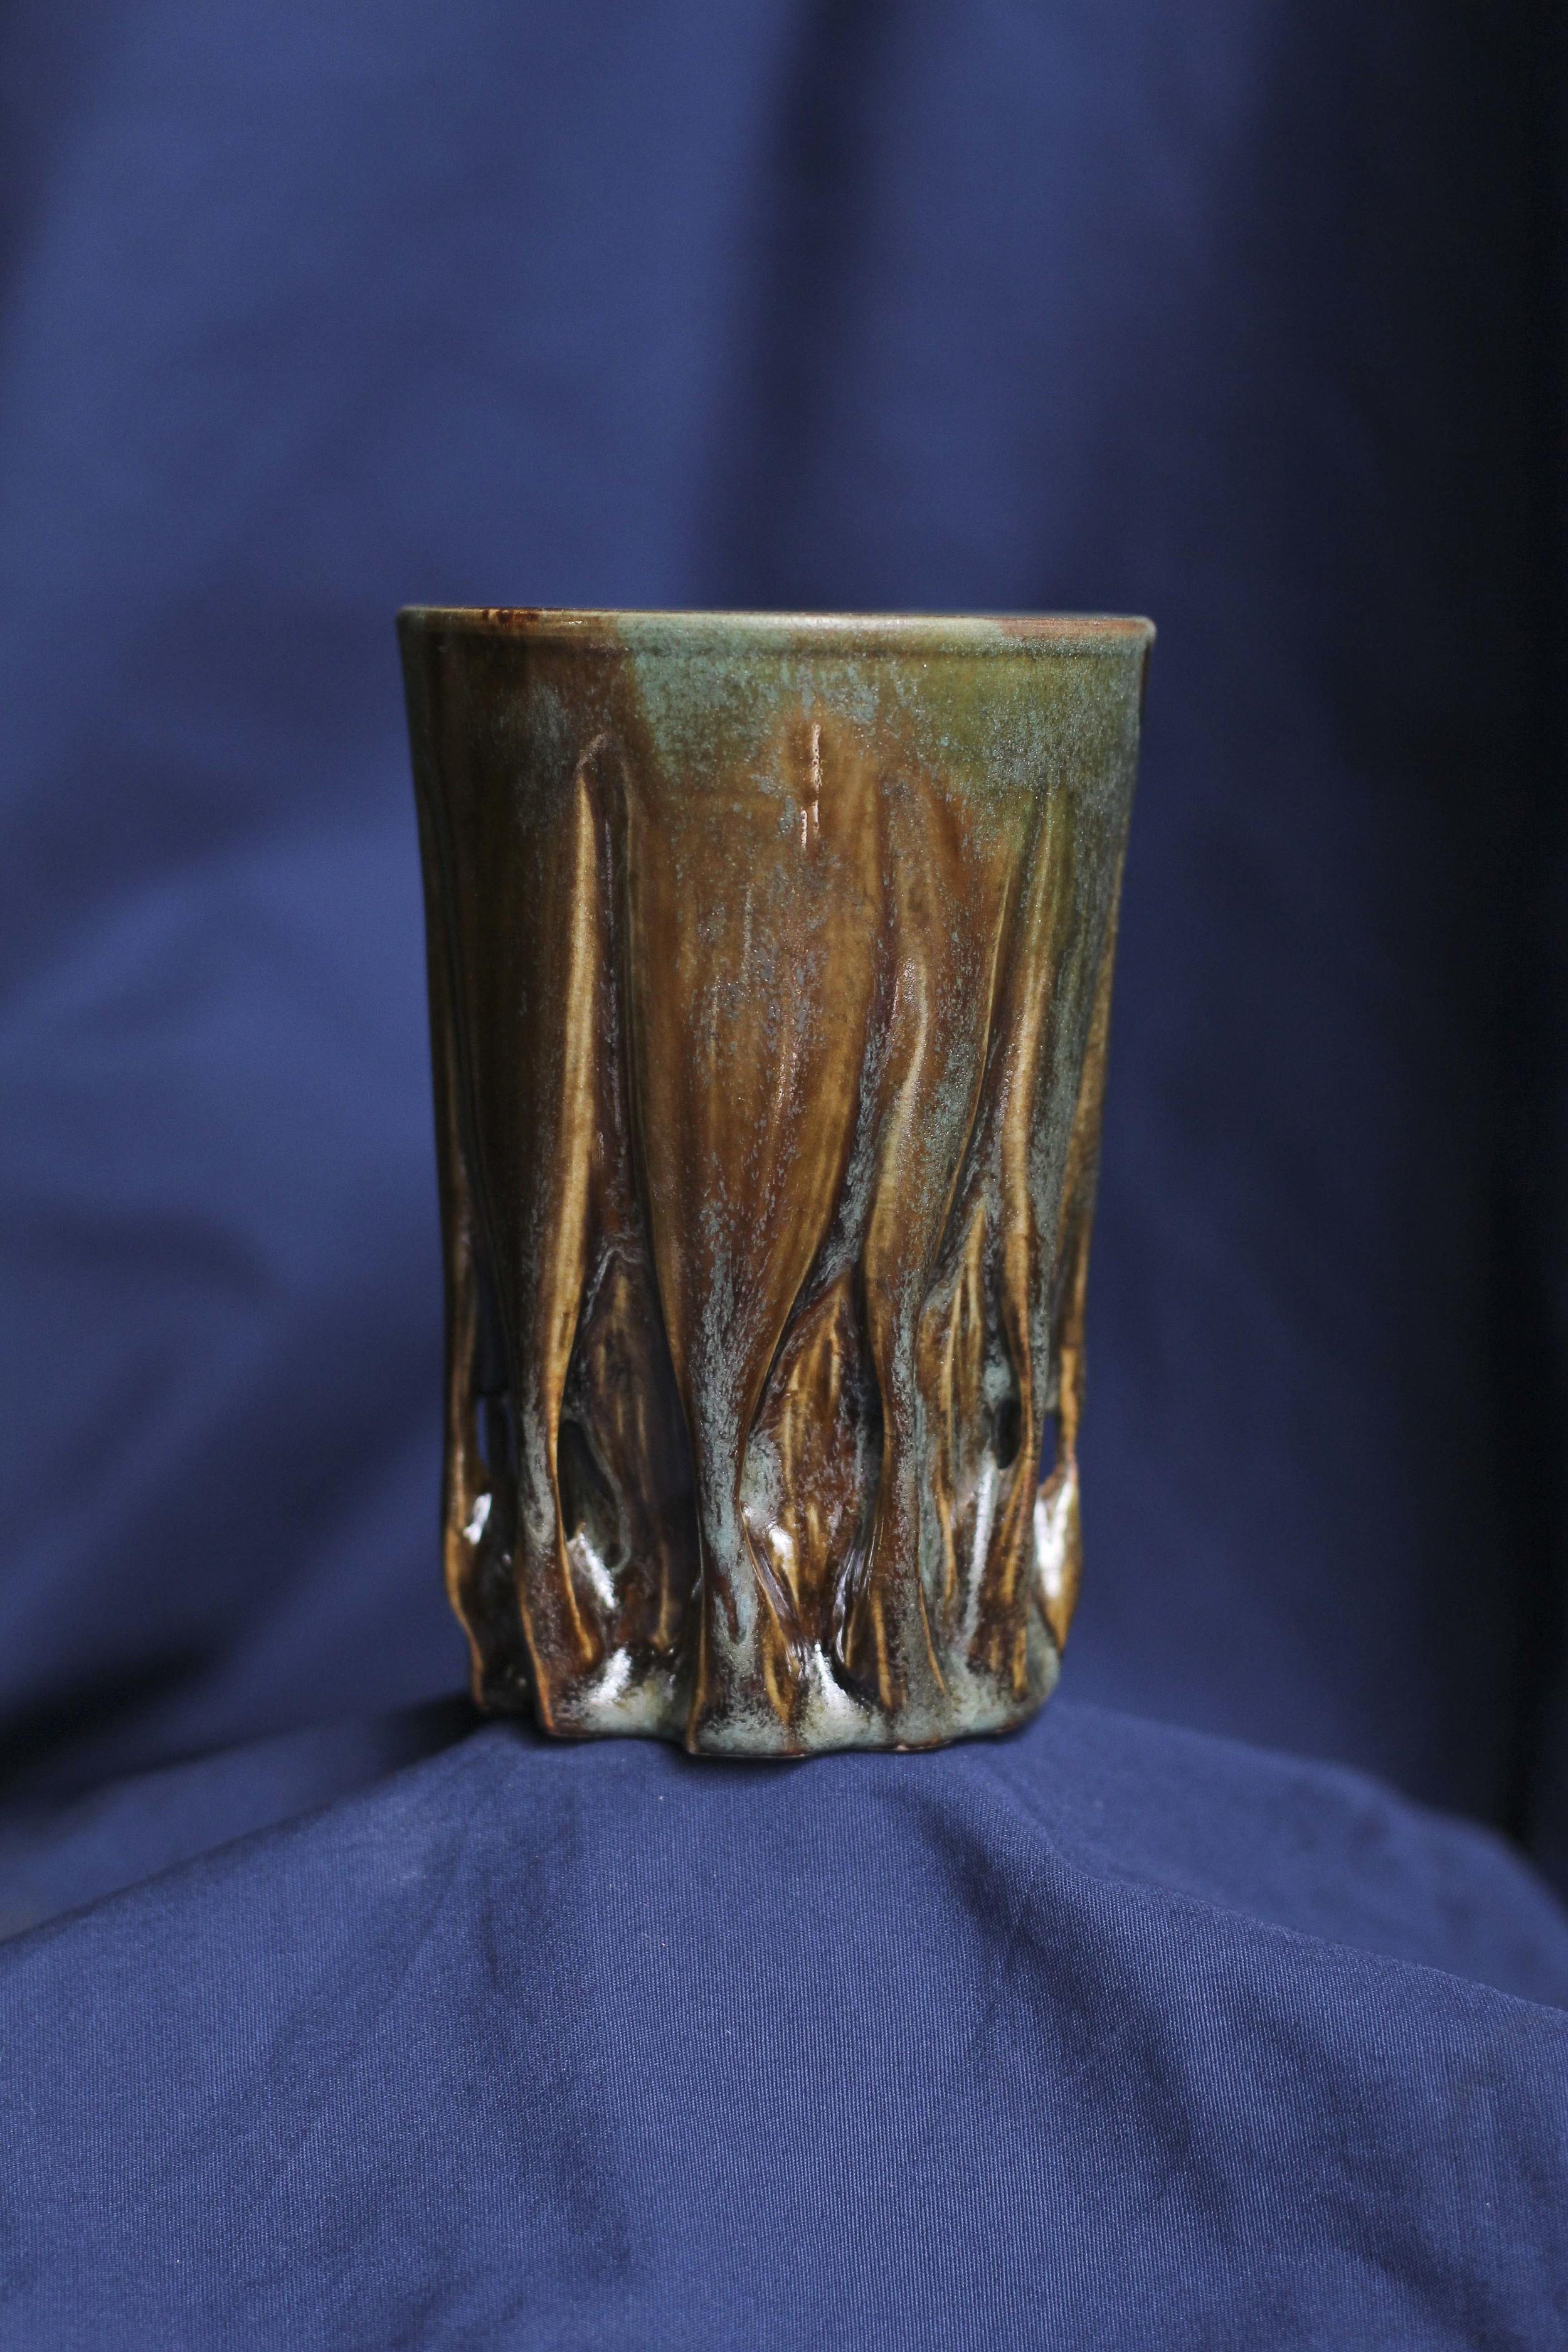 5x3.75, 2014, White Stoneware